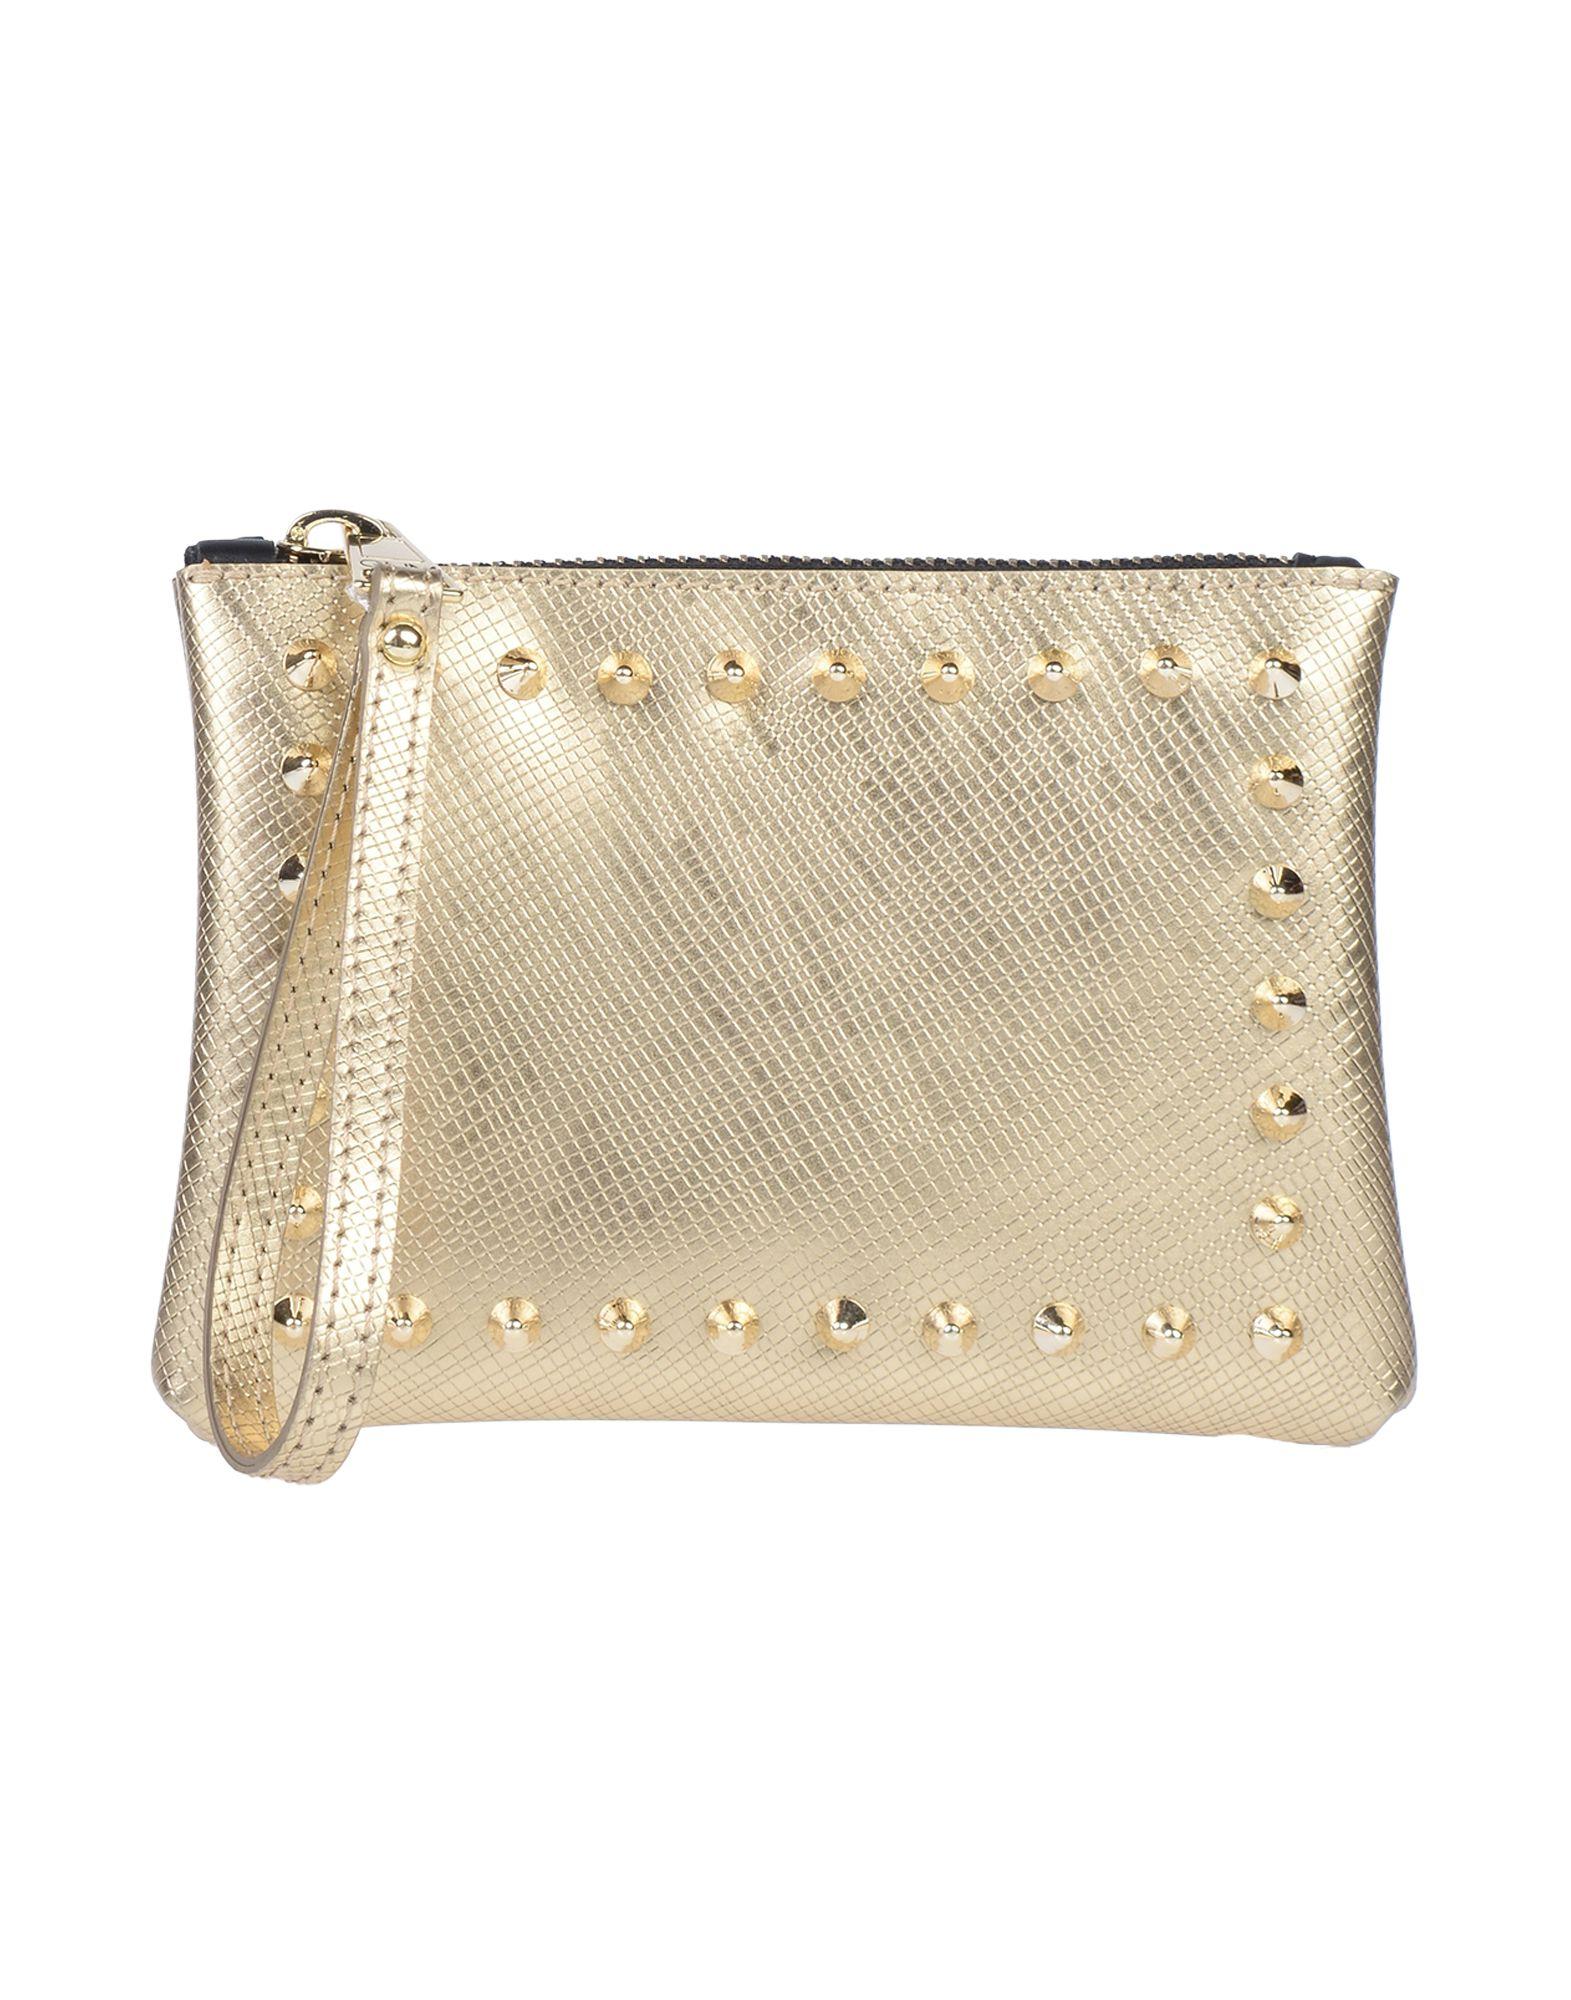 《送料無料》GUM BY GIANNI CHIARINI レディース ハンドバッグ ゴールド 紡績繊維